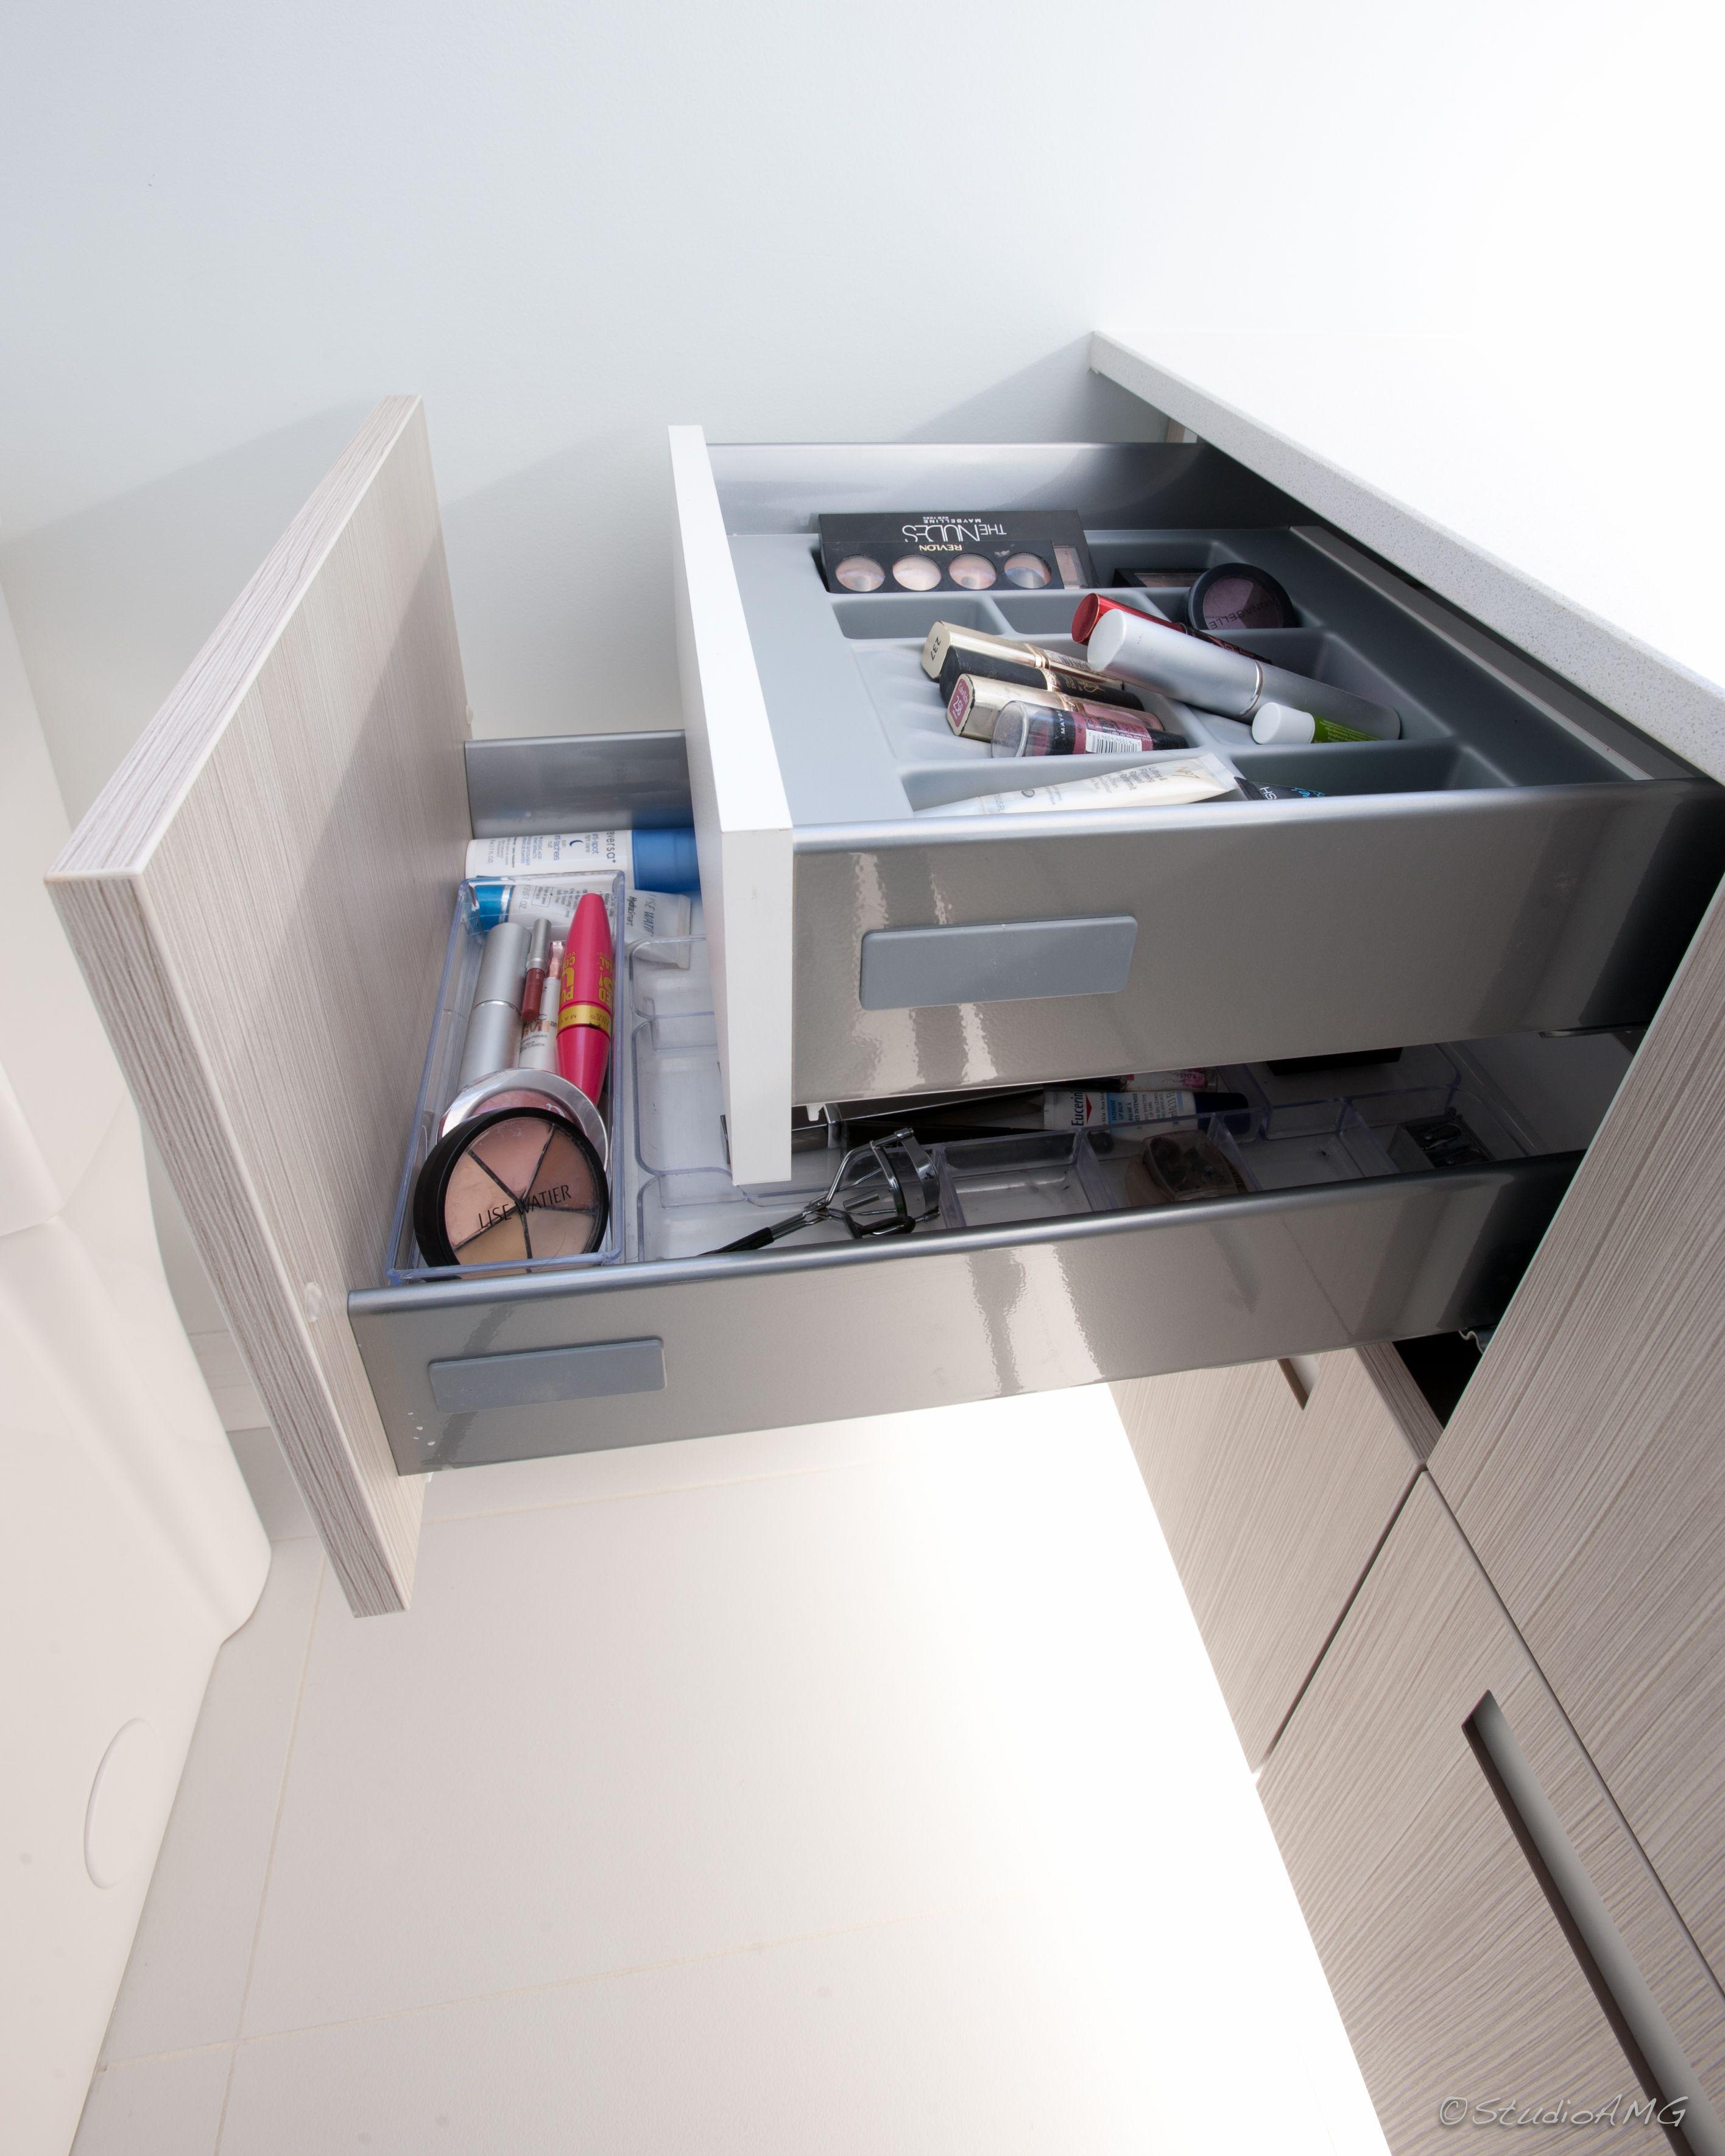 rangements intelligents projet de salle de bain coulisses hettich diviseur maquillage. Black Bedroom Furniture Sets. Home Design Ideas